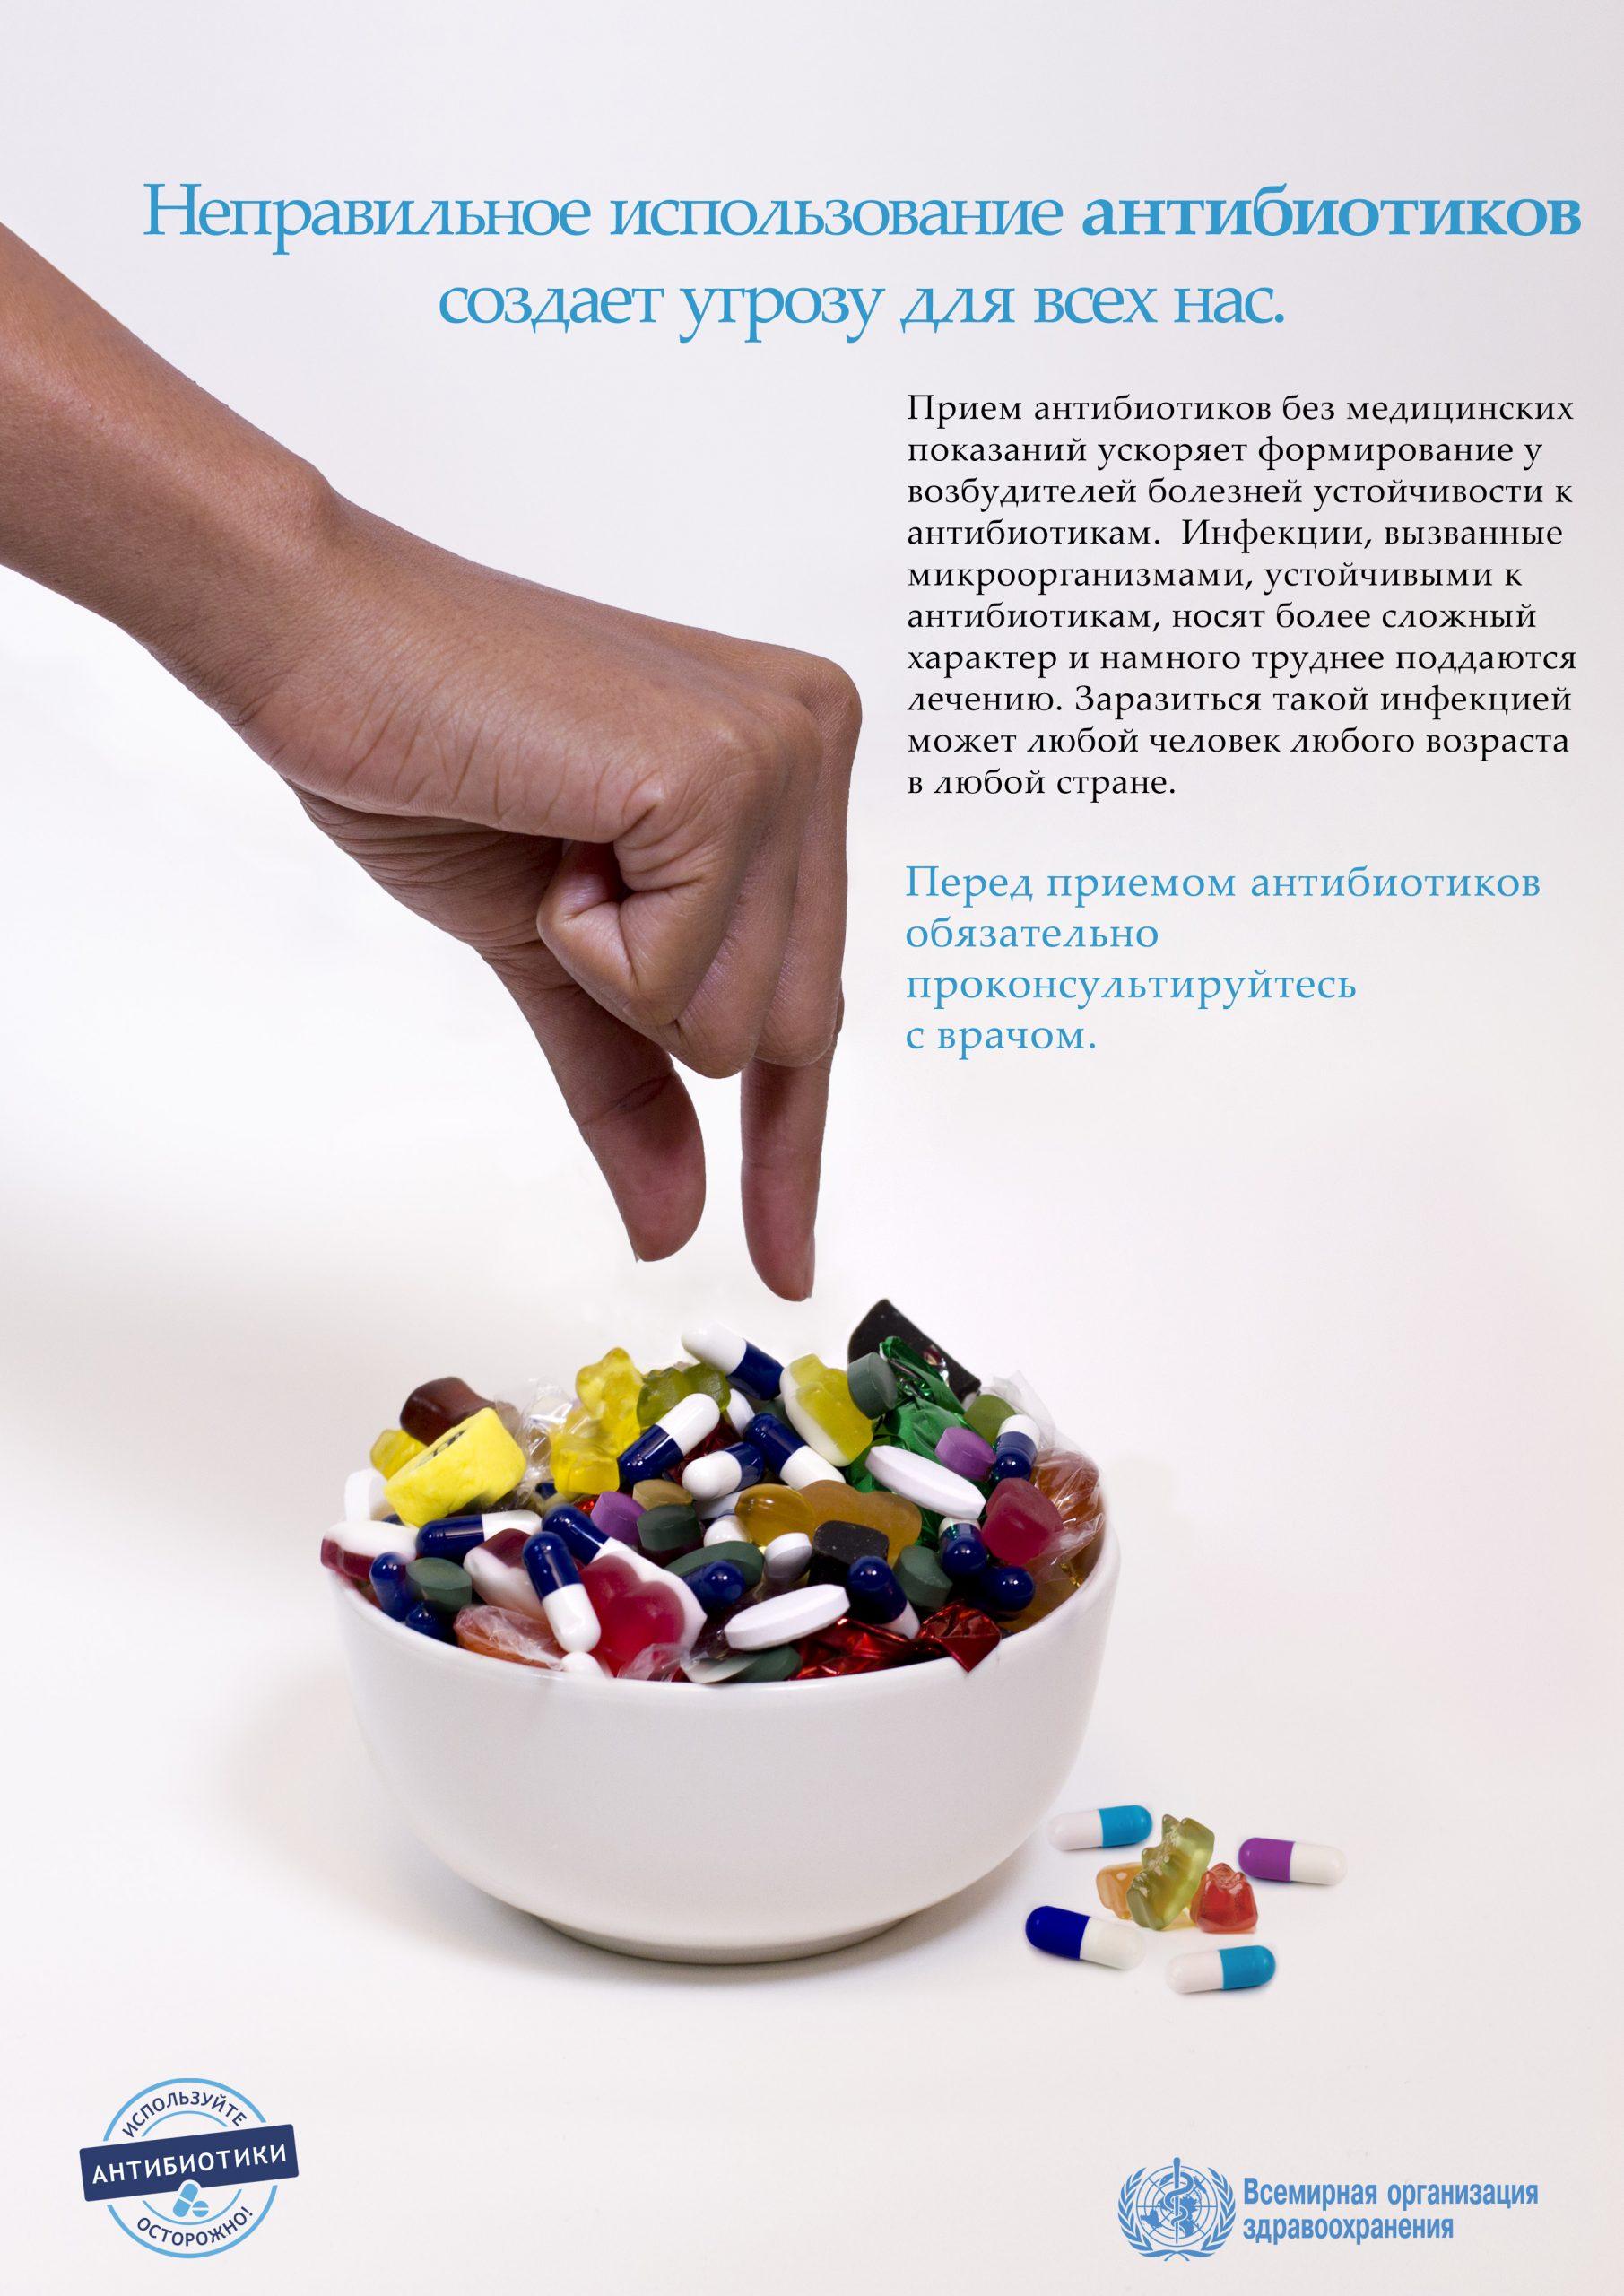 misuse-of-antibiotics-ru